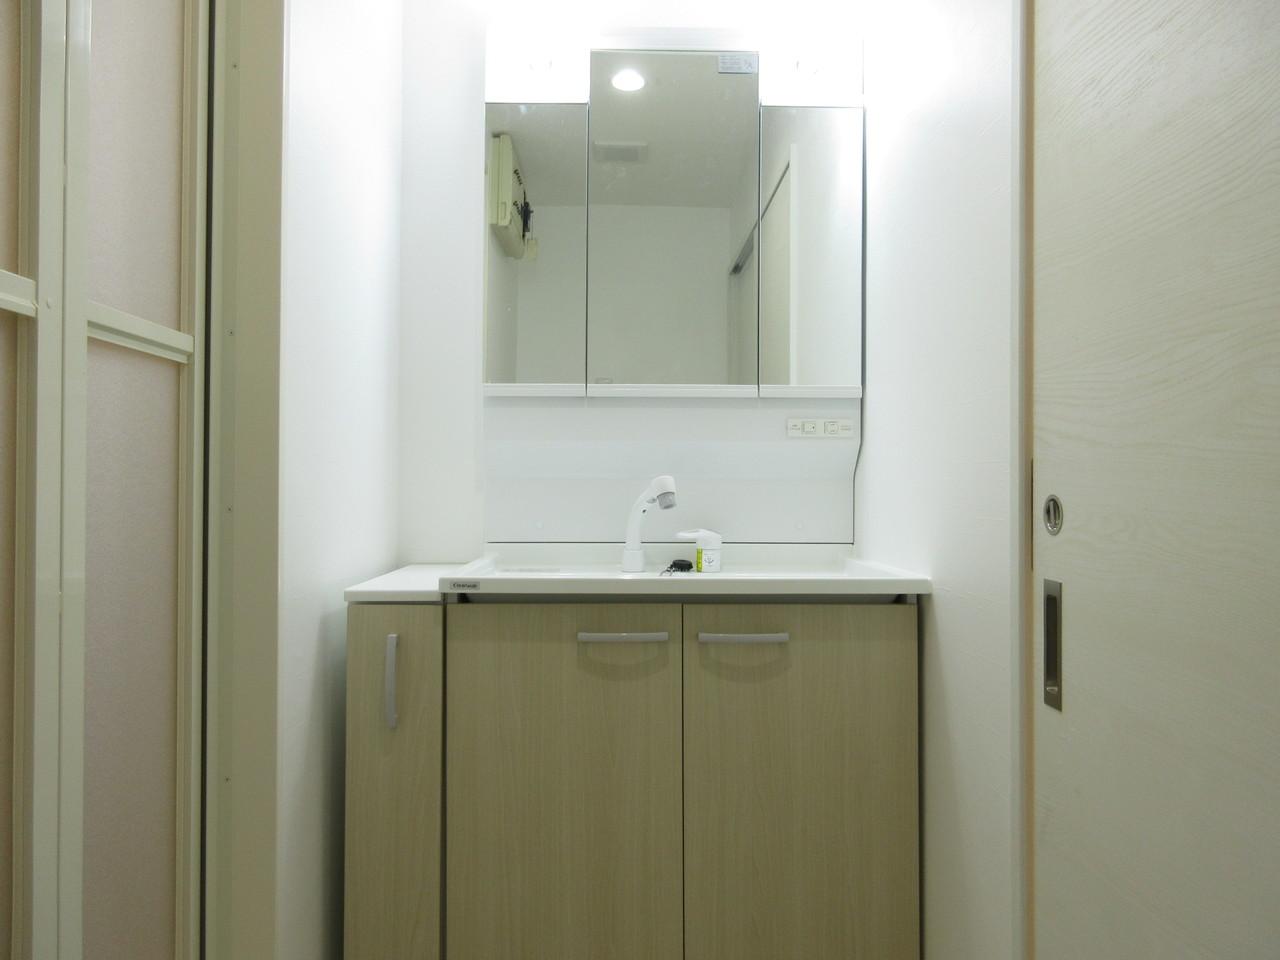 隙間も有効活用!収納スペースたっぷりな洗面台です◎鏡は三面鏡で見えにくい後ろ側にもとっても便利!